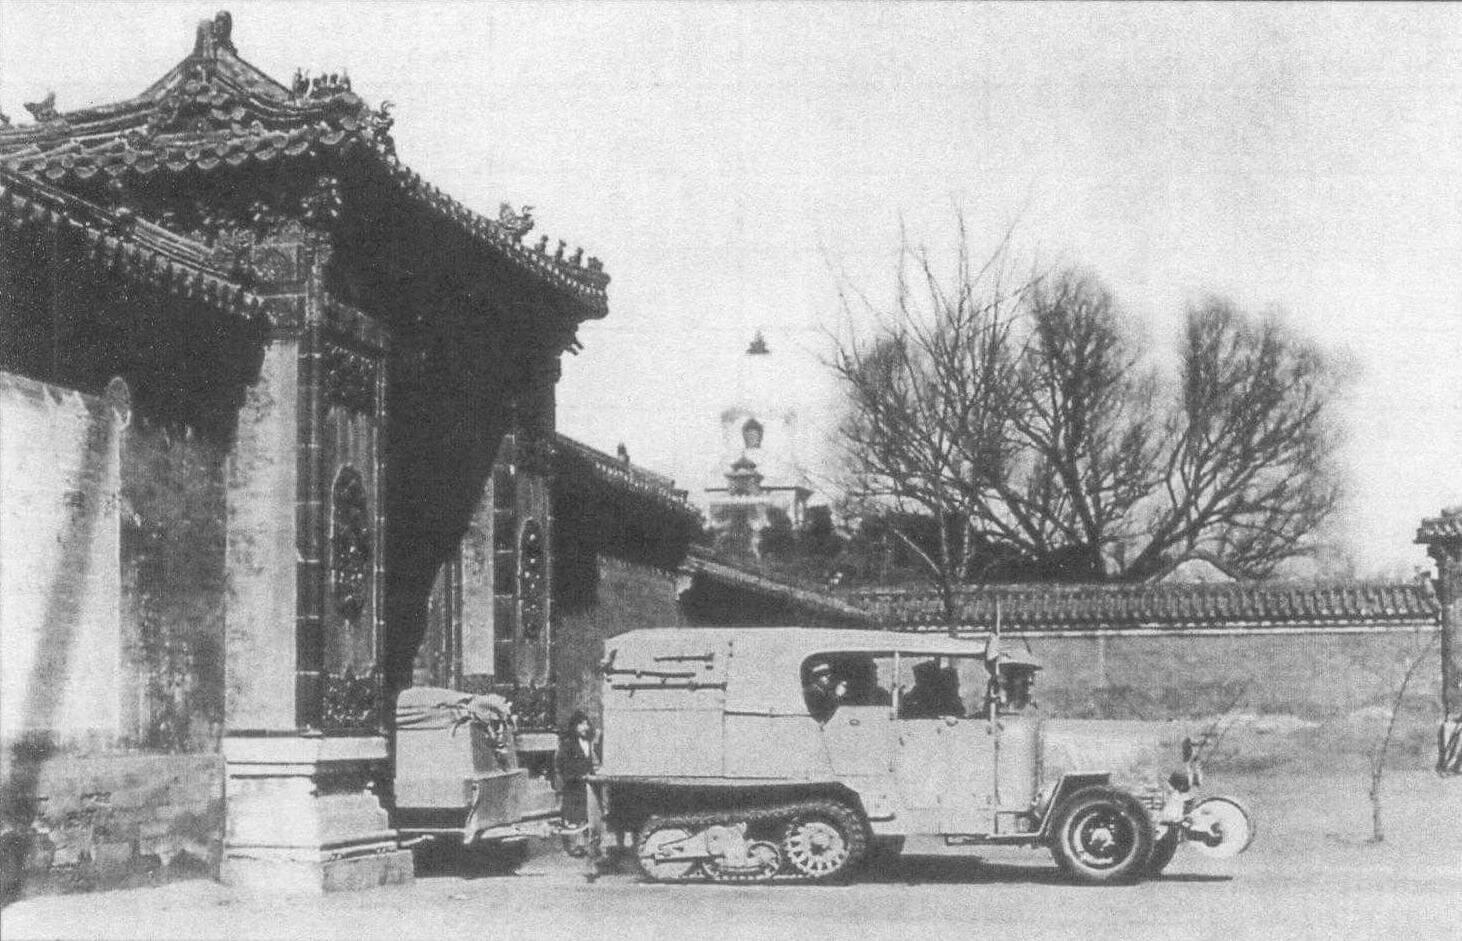 Пекин. 12 февраля 1932 года. Дипломатический корпус устраивает путешественникам торжественную встречу. На протяжении четырех дней - речи, коктейли и поздравительные телеграммы со всех концов света